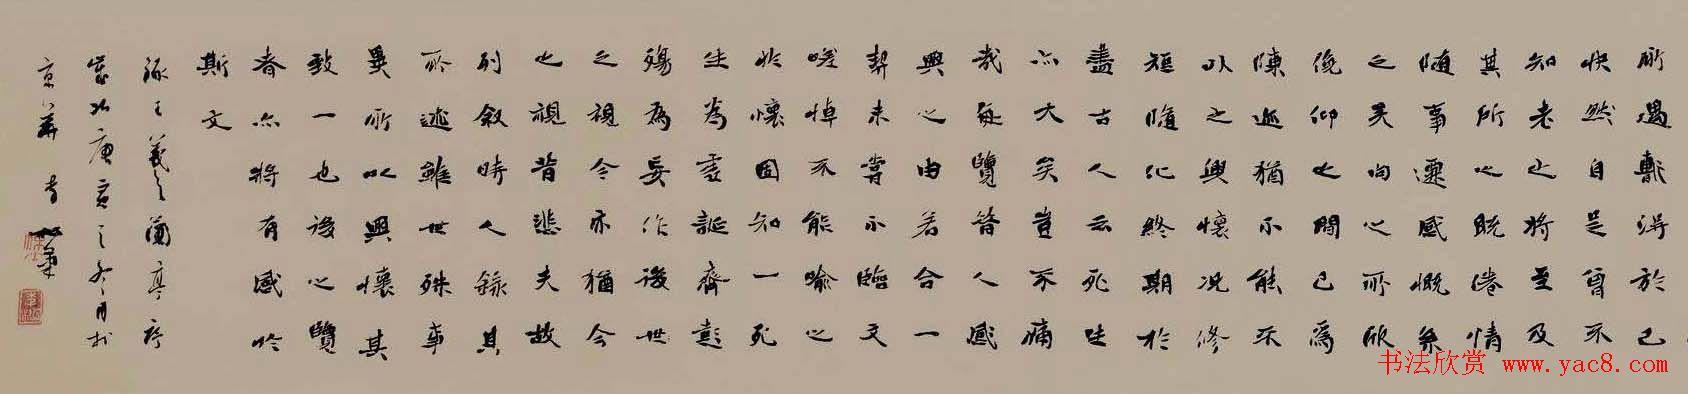 李松书法作品欣赏兰亭集序兰亭集序书法欣赏